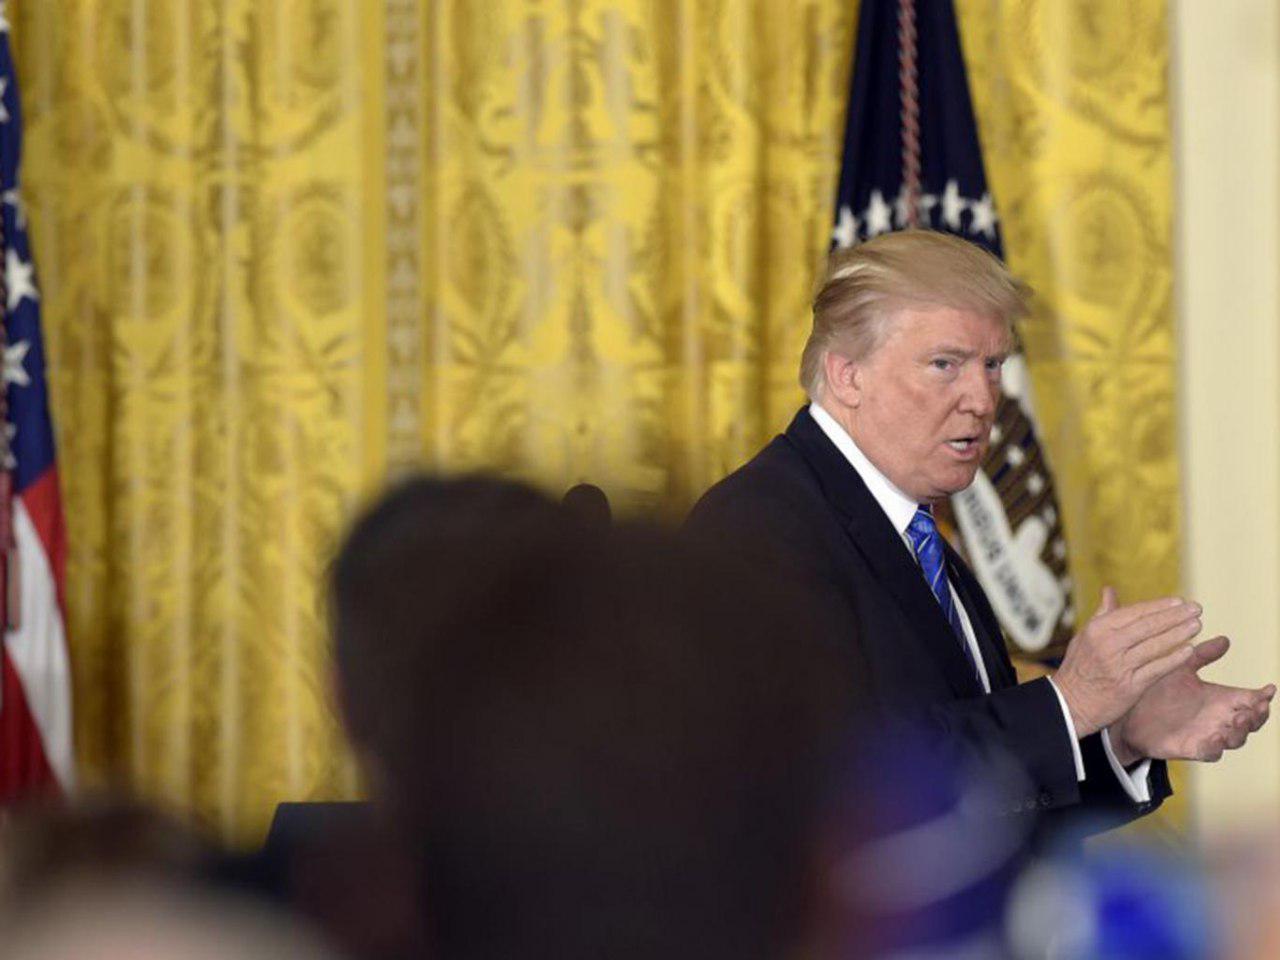 تصویر ضیافت افطار در کاخ سفید برگزار نشد